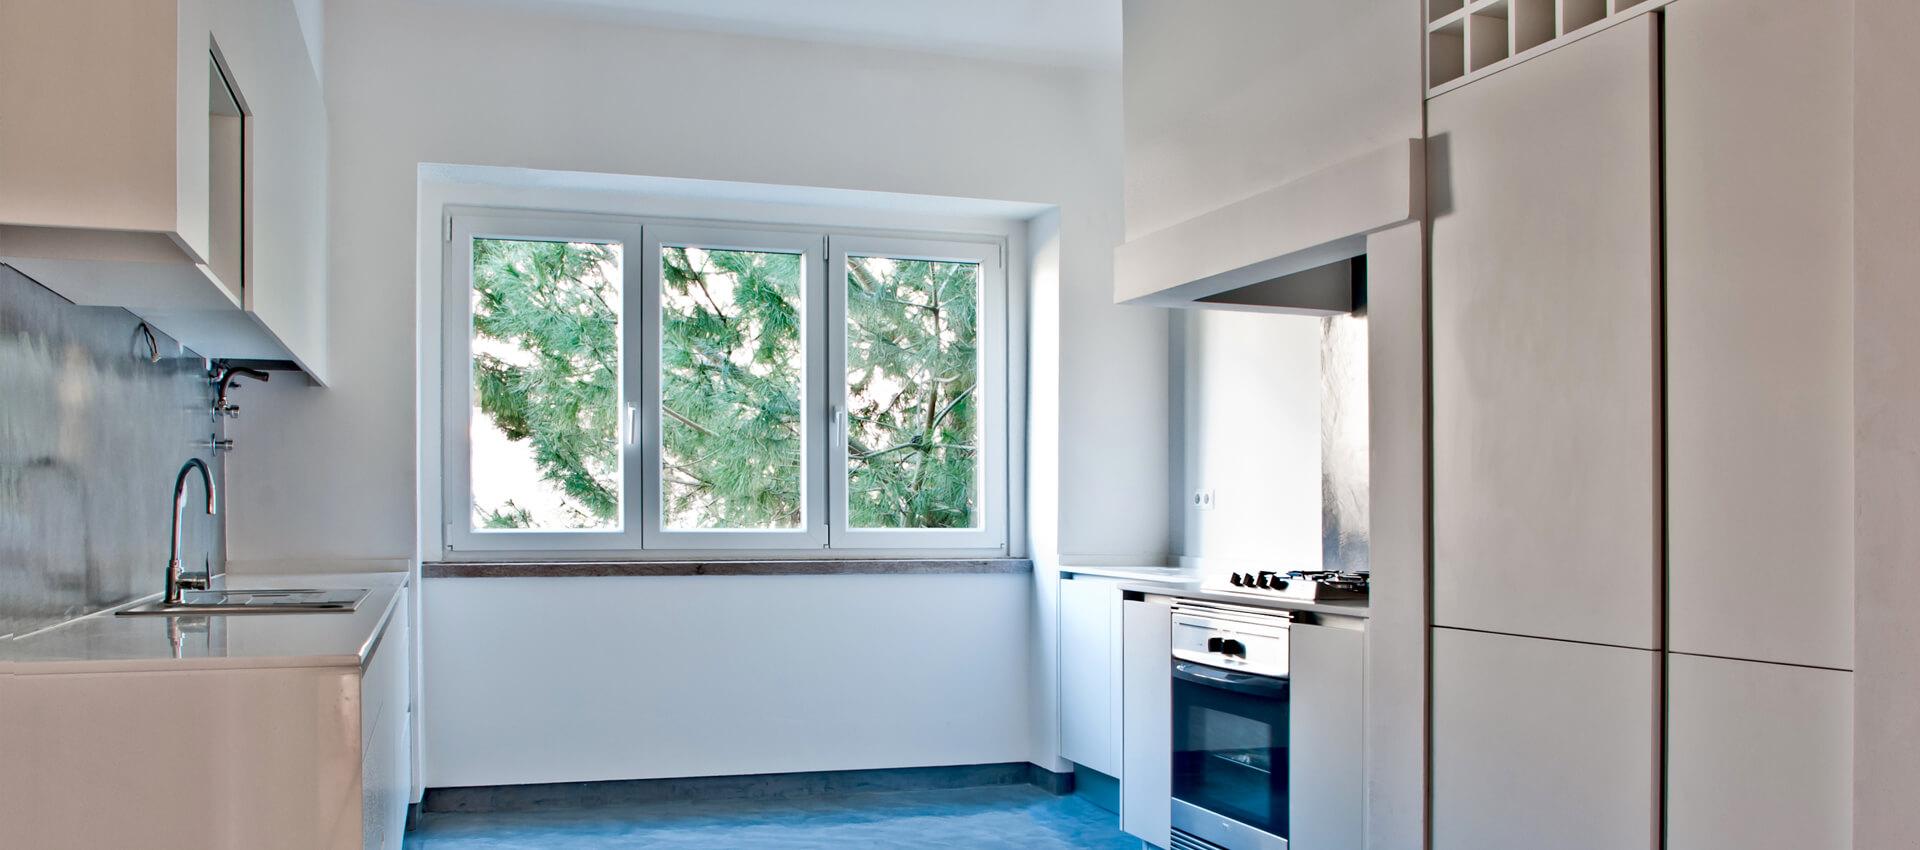 Cozinha - Apartamento Av. Paris - Lisboa